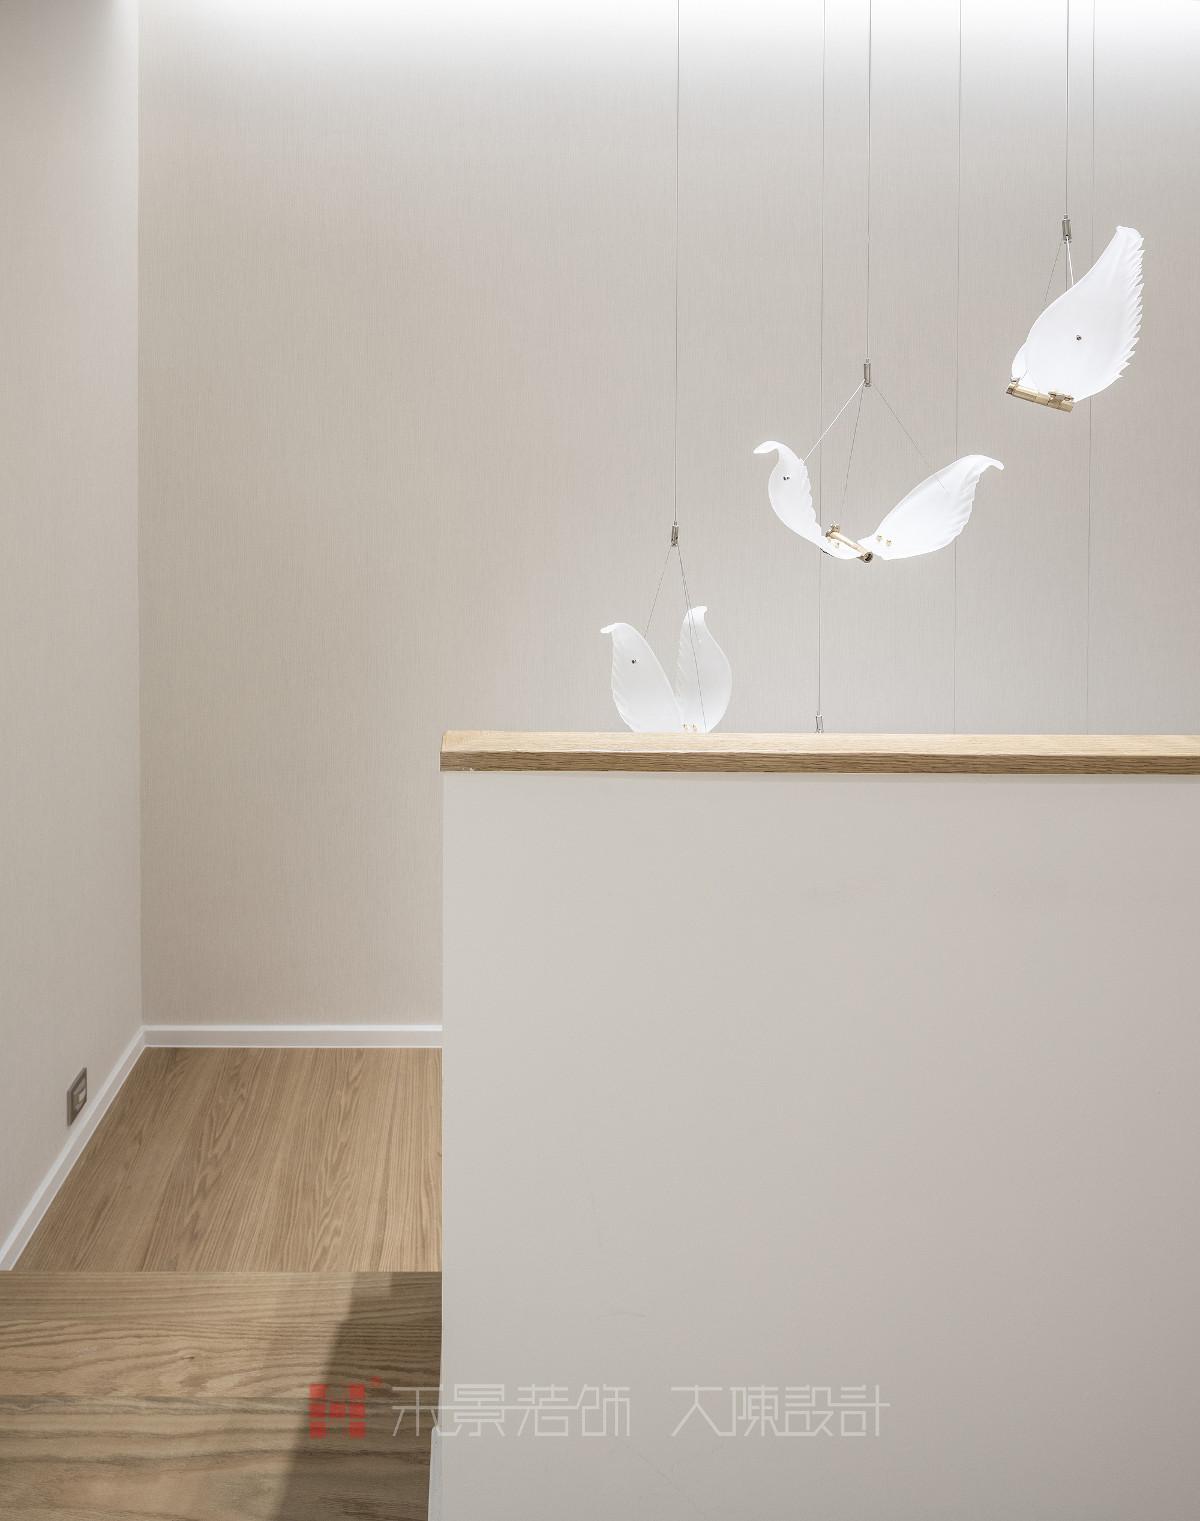 极具潮流的创意羽毛吊灯不仅仅提供简单的照明需求,当灯光亮起时,晶莹剔透的羽毛展翅欲飞,带来轻盈素净的空间意境。